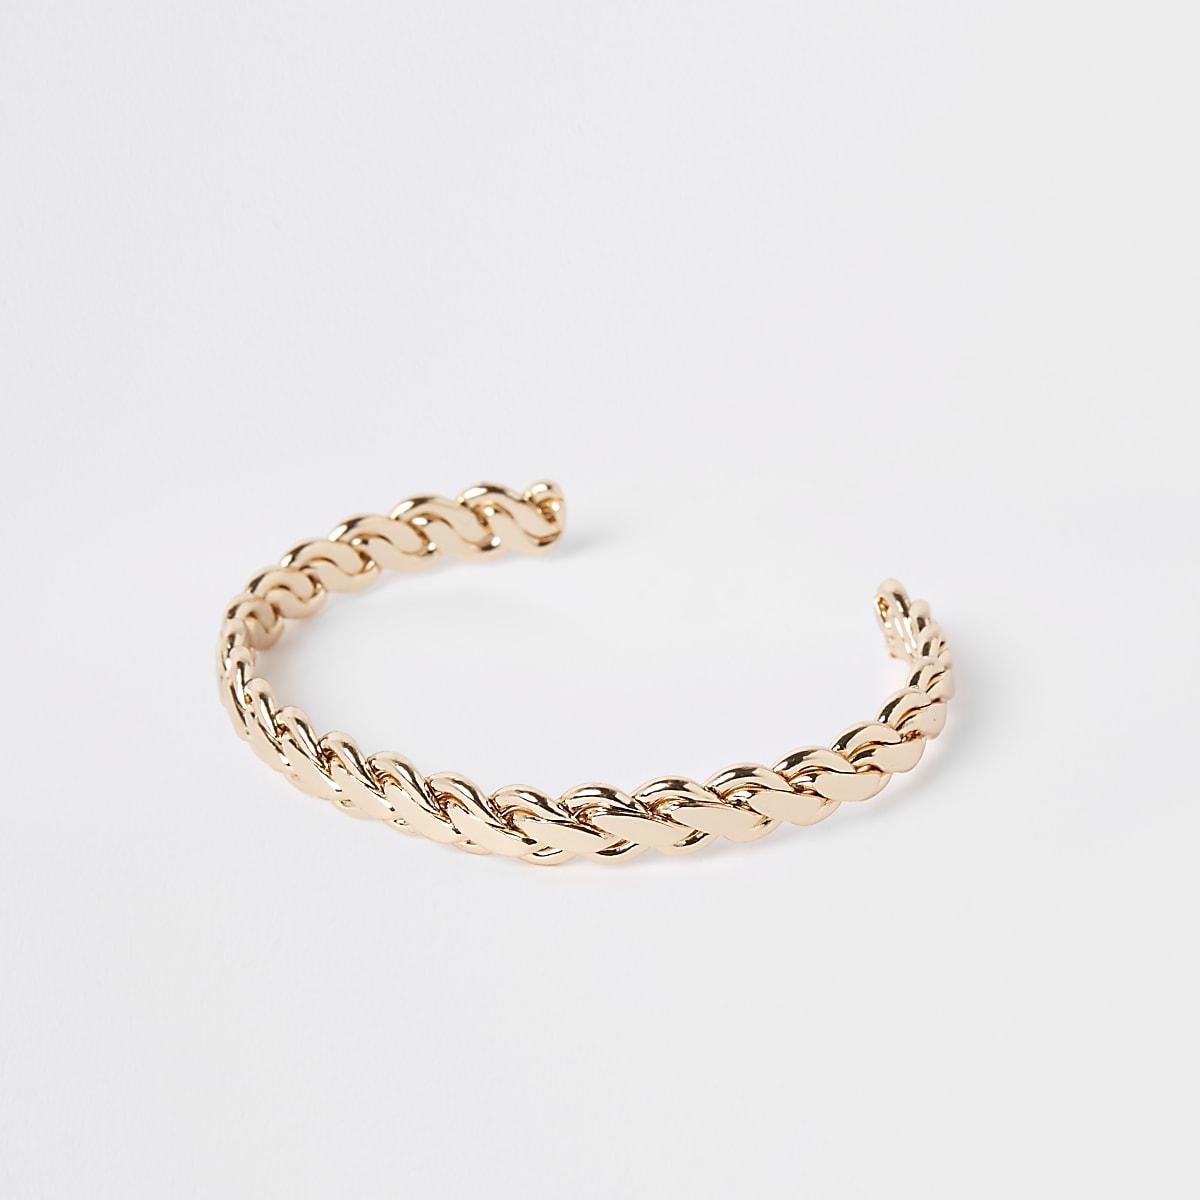 Gold colour plaited cuff bracelet